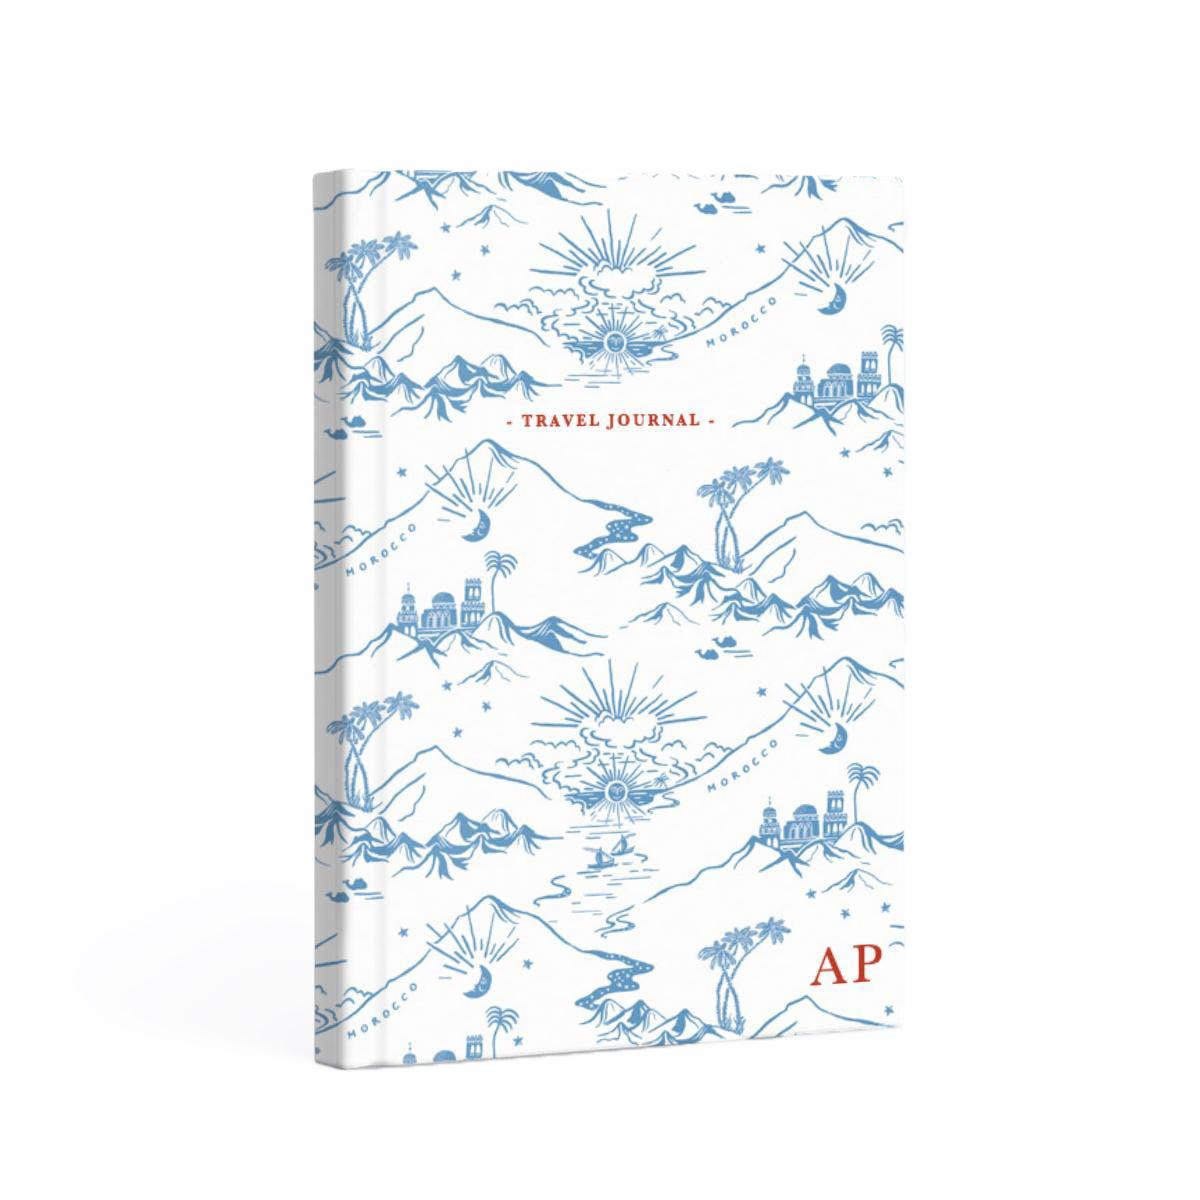 Papier - ATLAS travel journalAvailable at Papier, £19.99